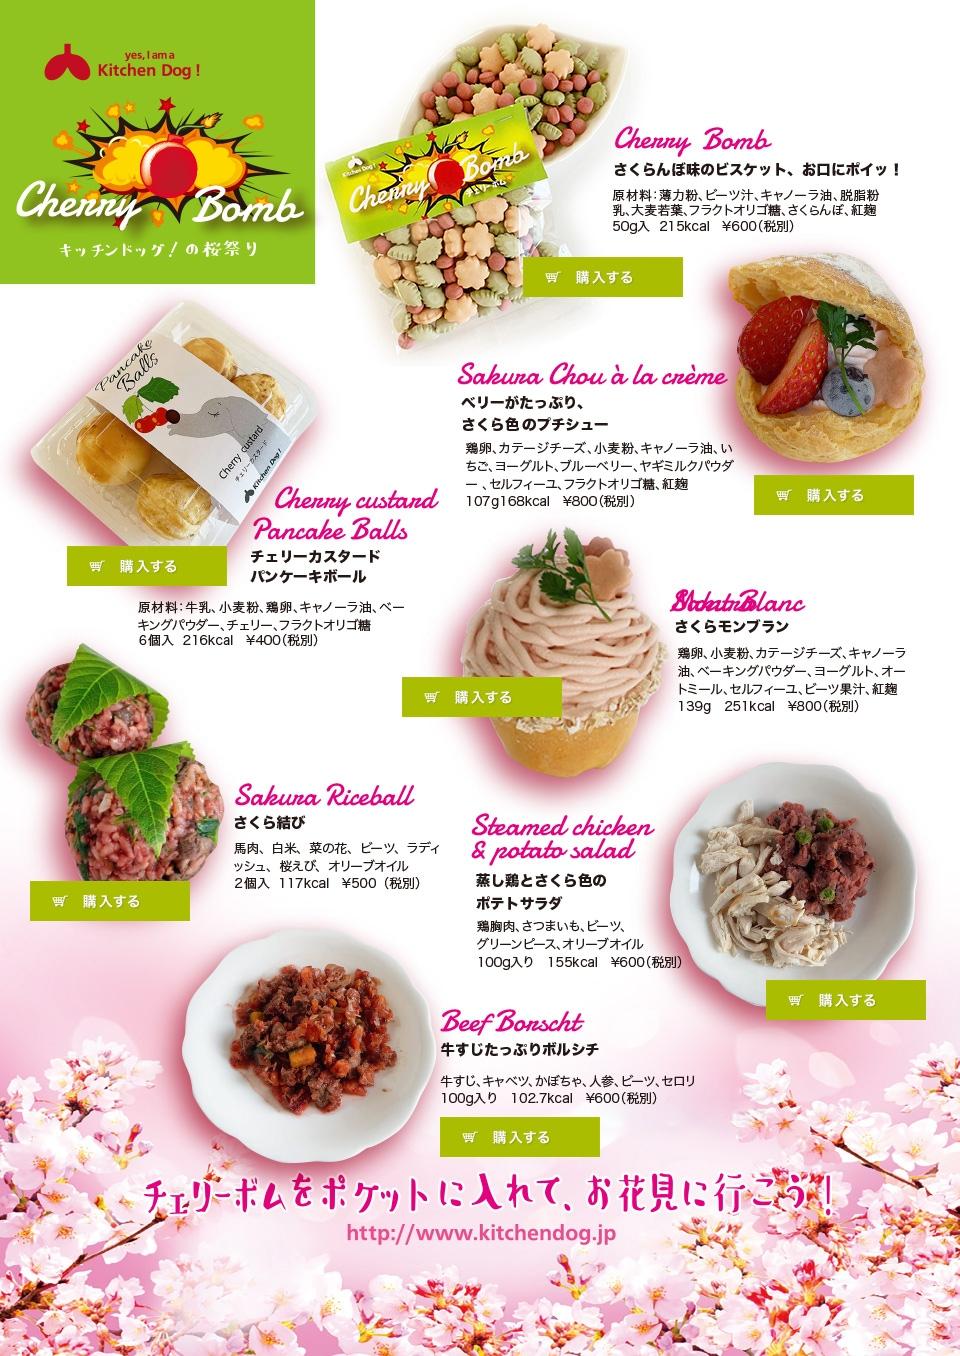 キッチンドッグ!の桜祭り